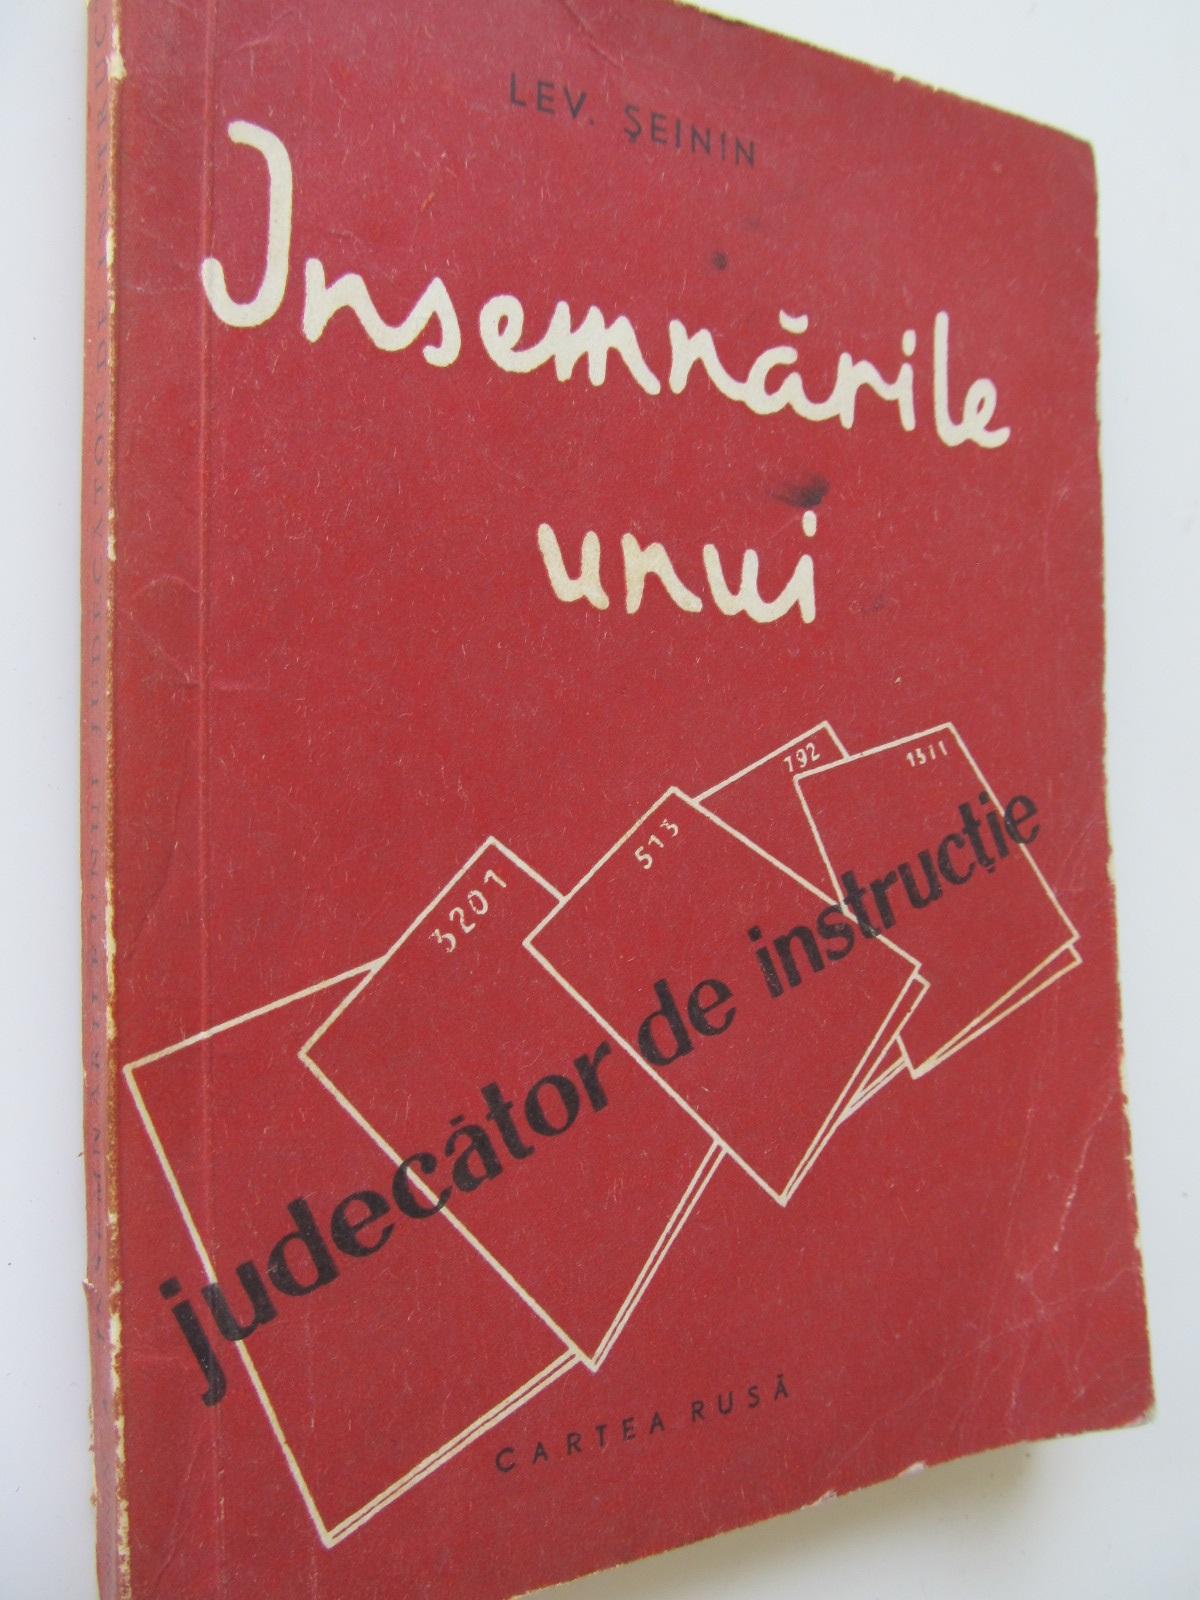 Insemnarile unui judecator de instructie - Lev Seinin | Detalii carte